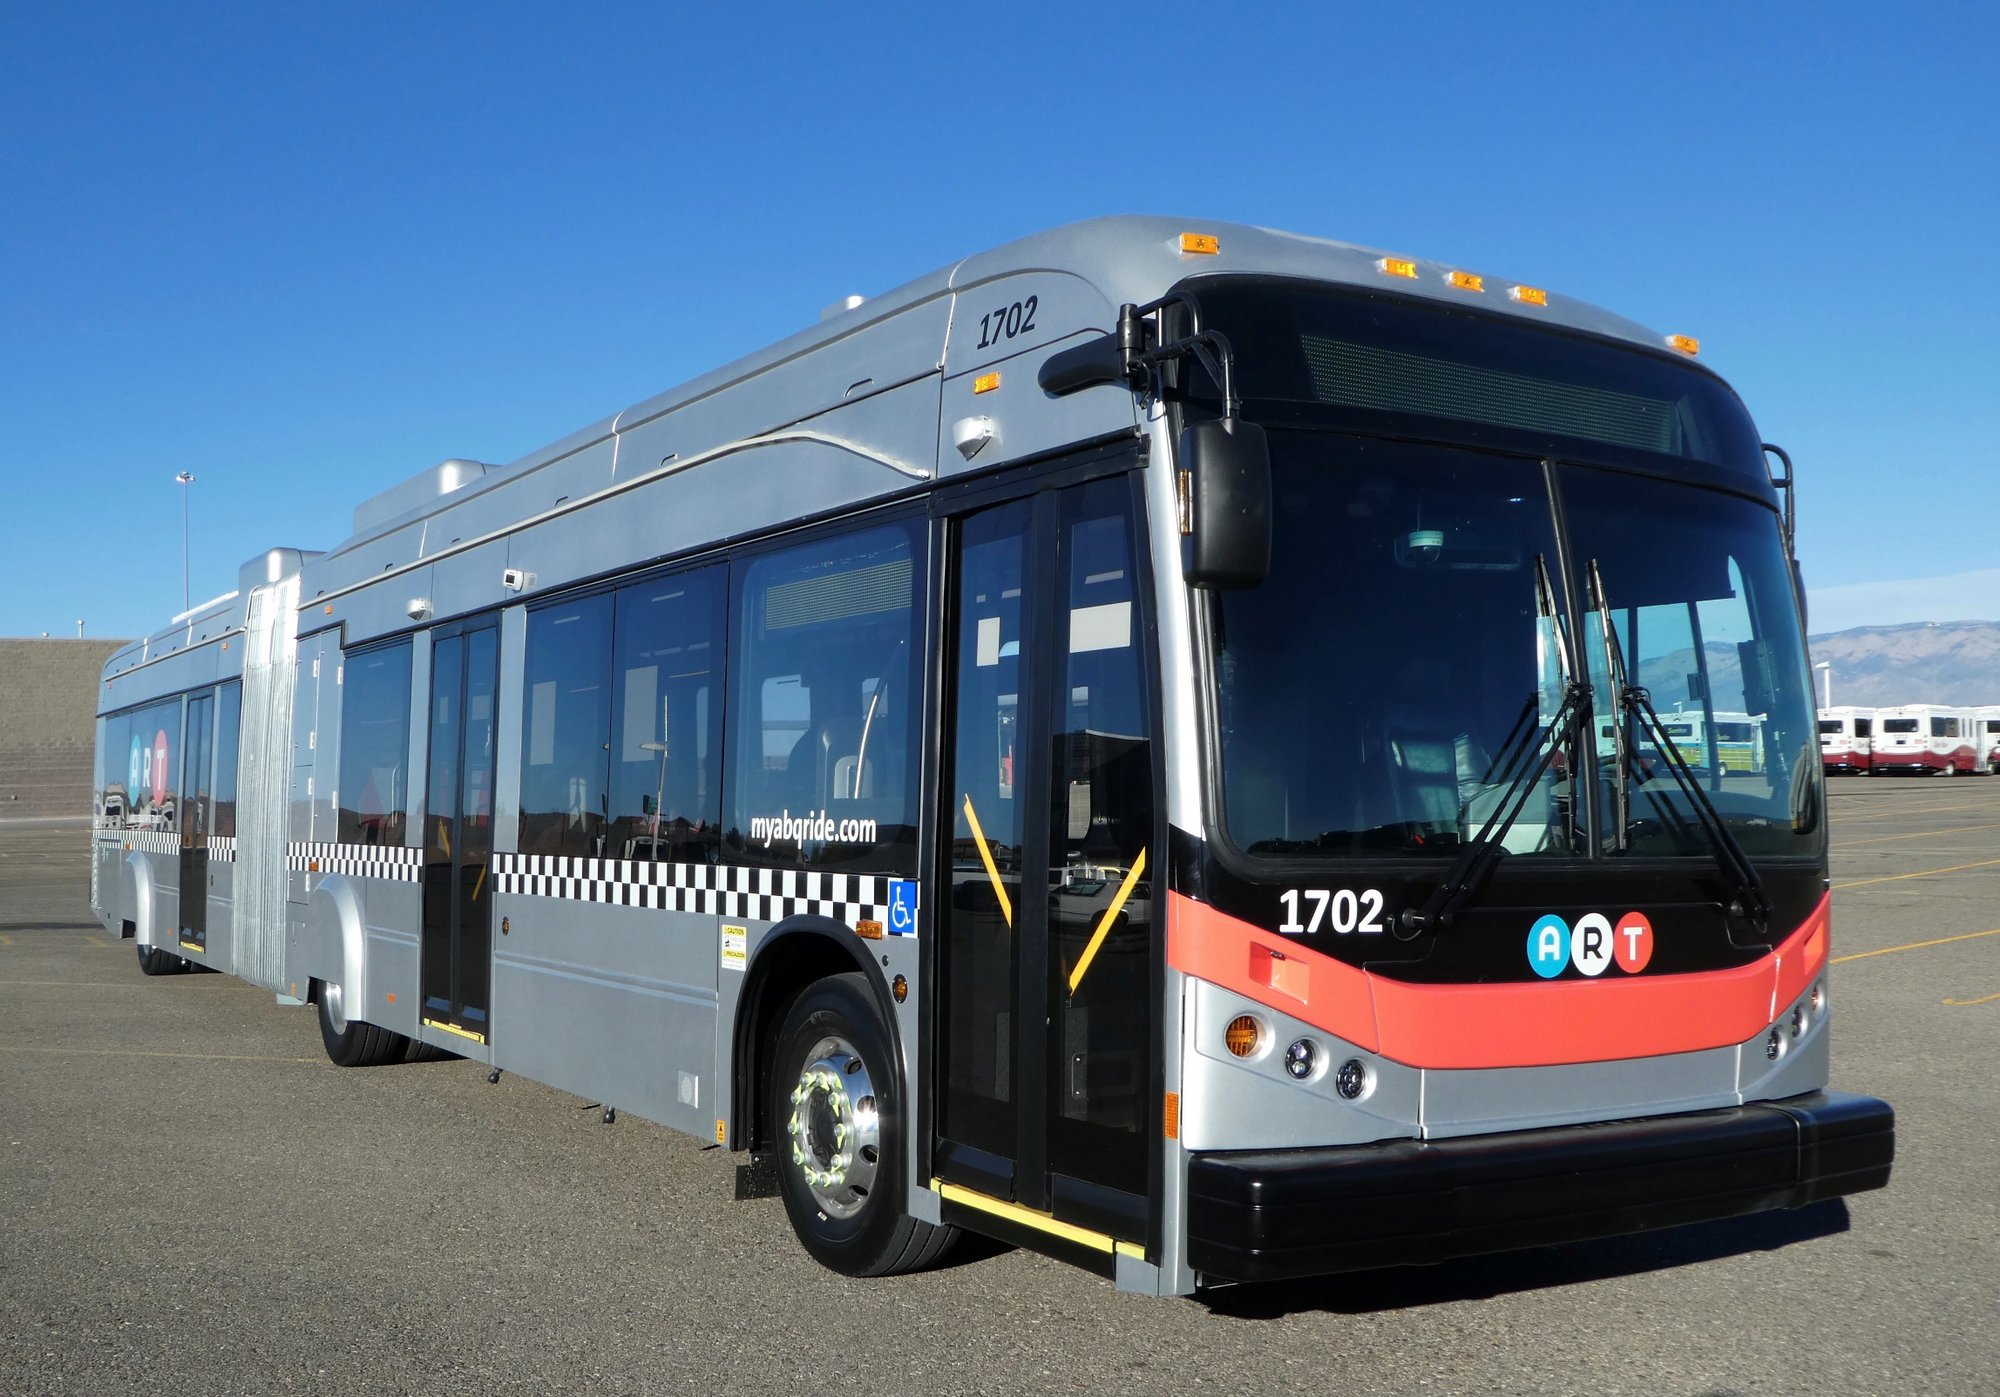 Albuquerque BRT vehicle